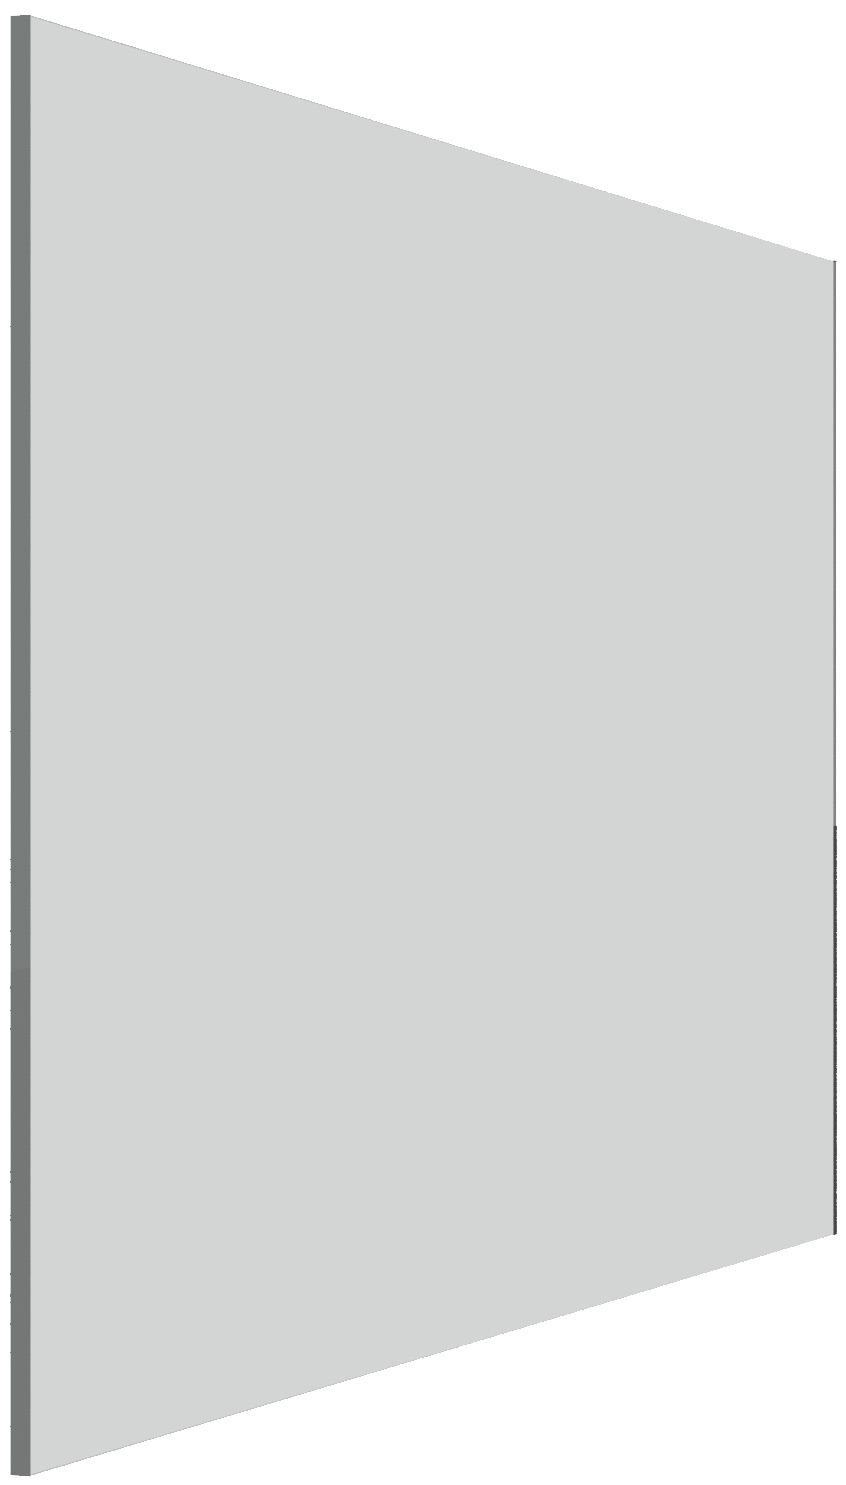 typy wypelnien (1)_0002_Warstwa 0